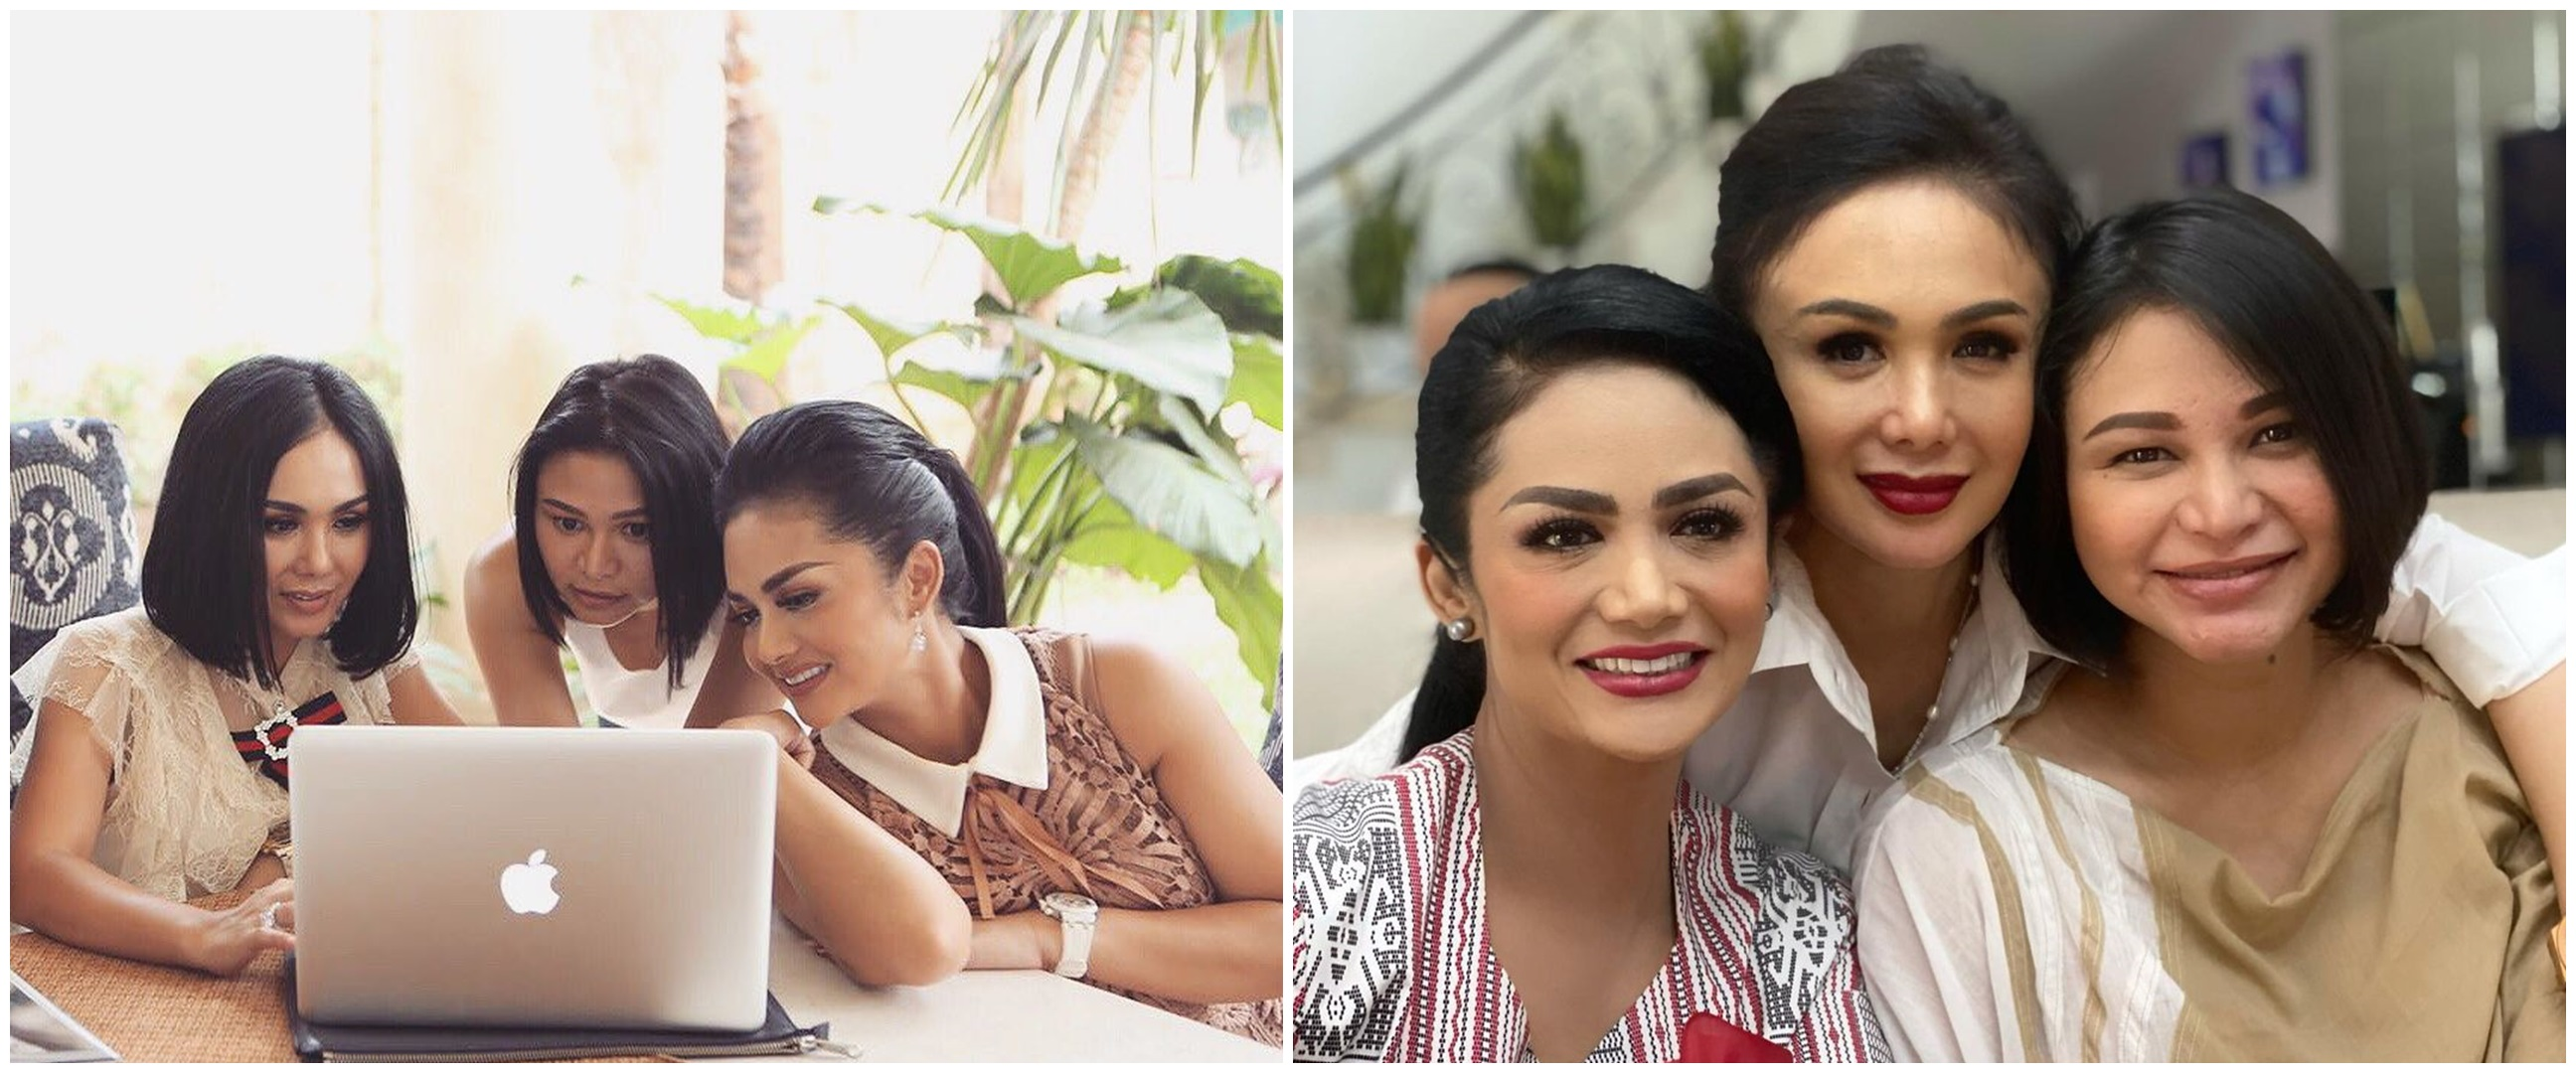 10 Potret kompak Yuni Shara, Krisdayanti, & Kartika Sary, sister goals